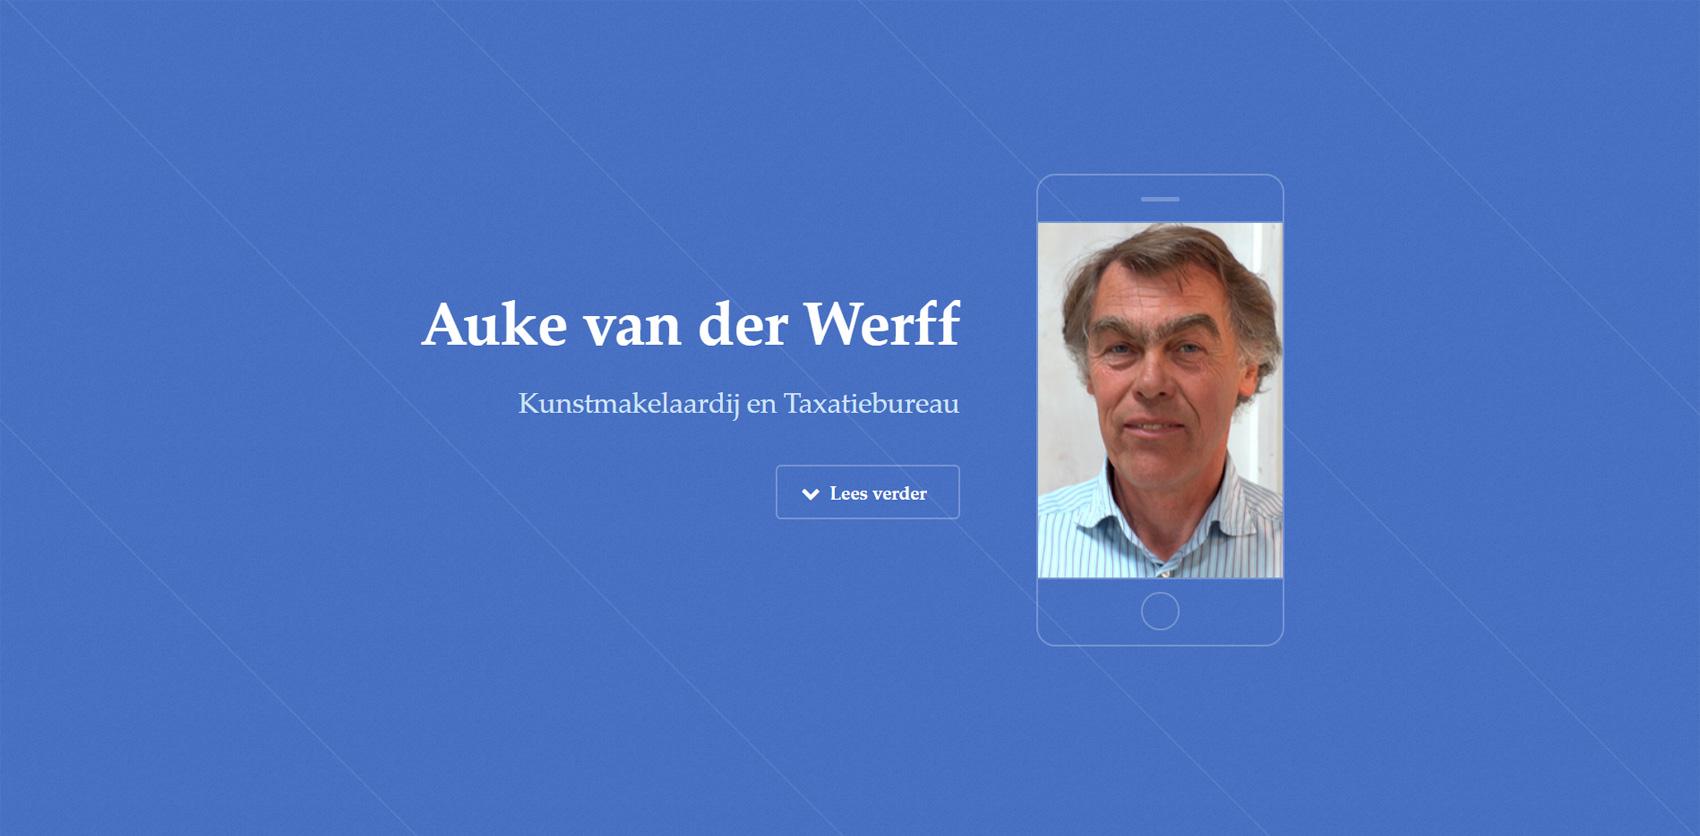 Auke van der Werff